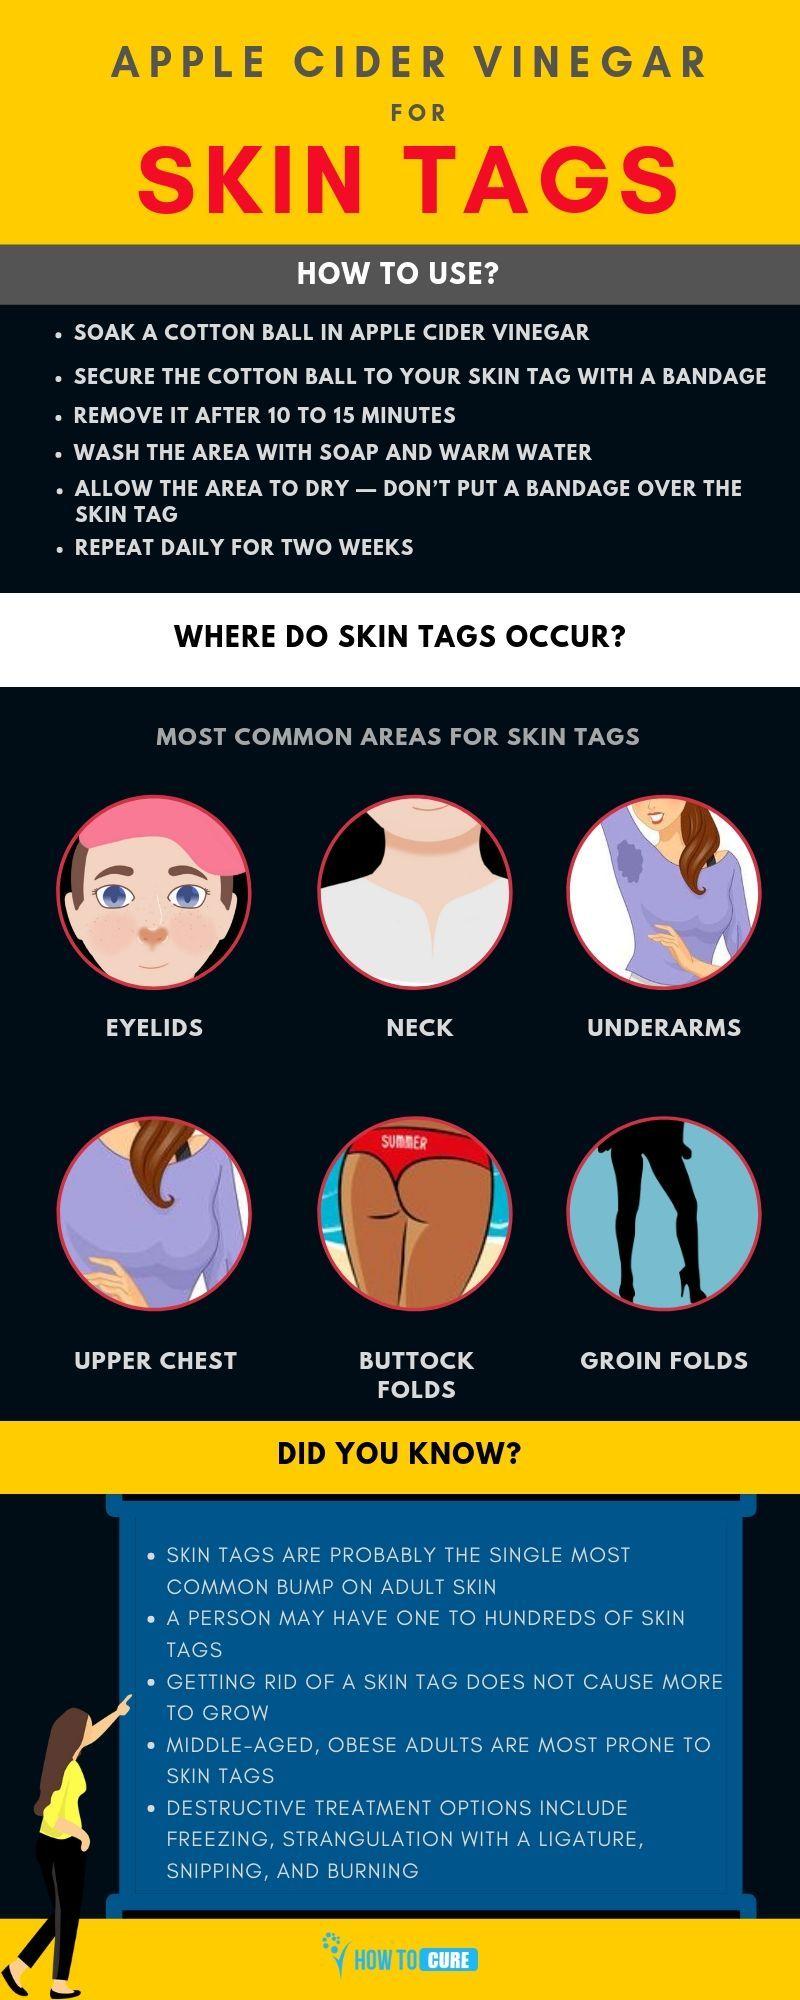 Apple Cider Vinegar for Skin Tags - How Does It Work? #skintagremedy